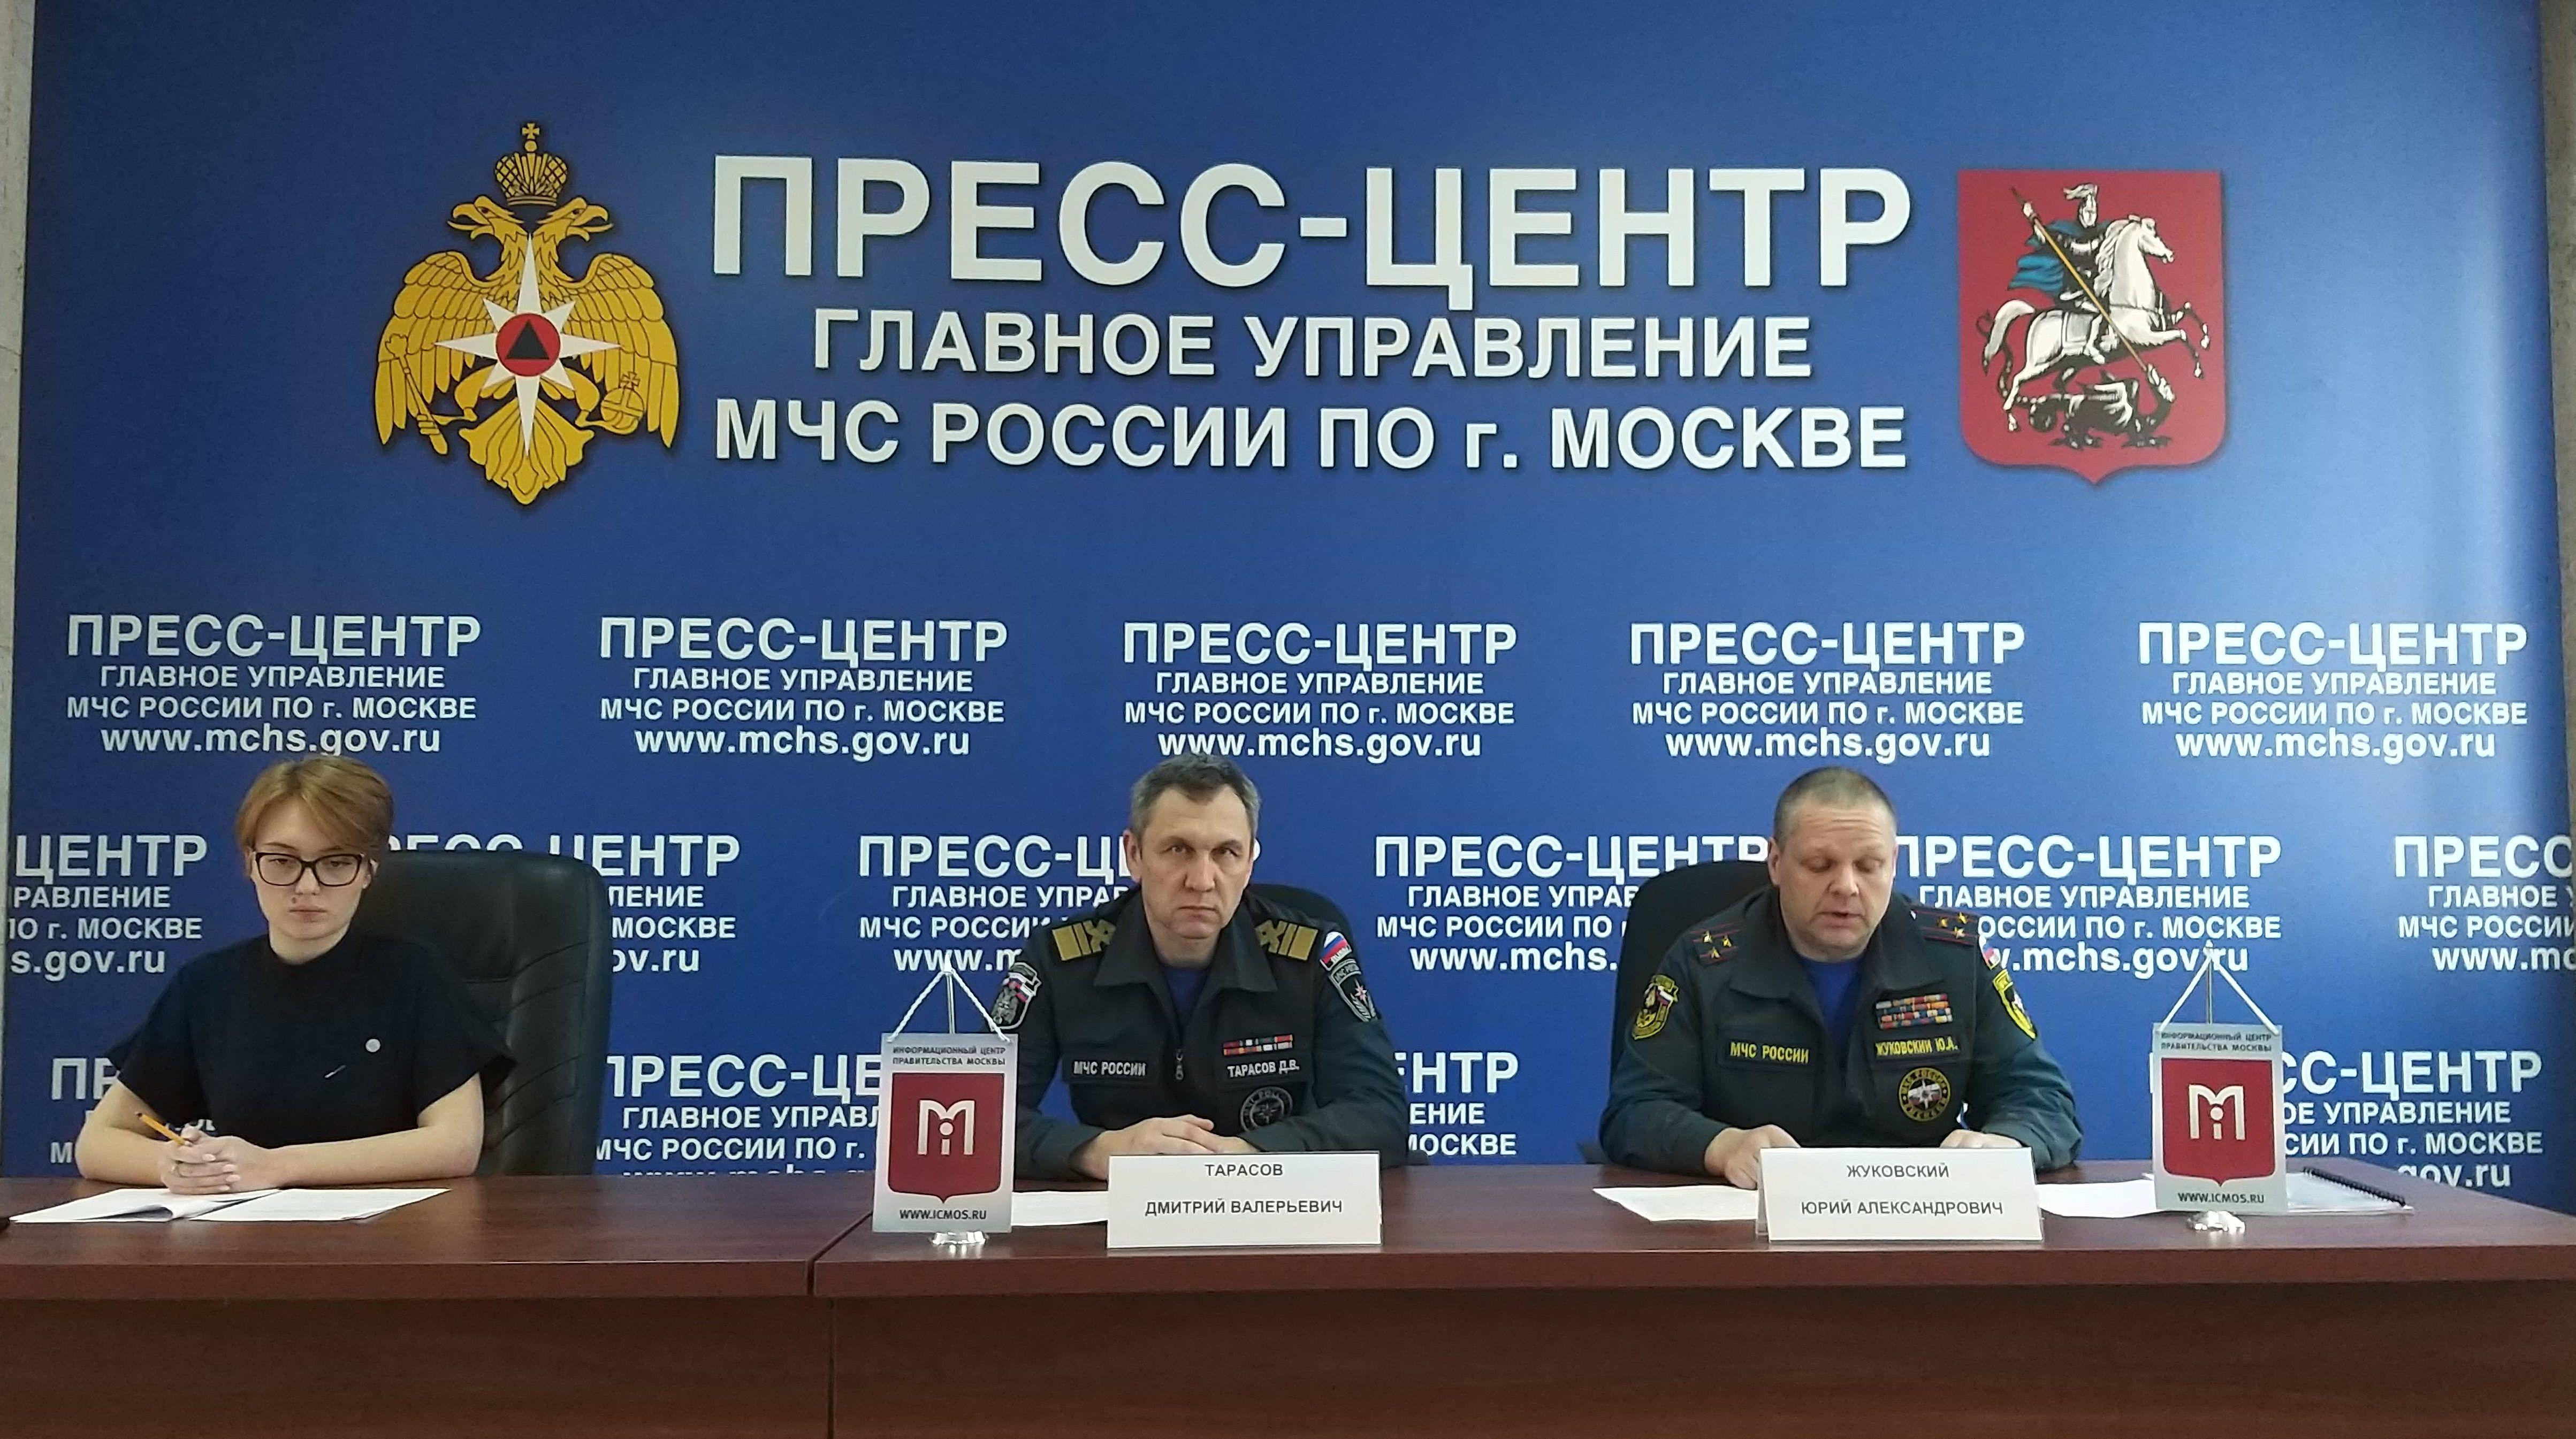 Соревнования спасателей организуют в Москве